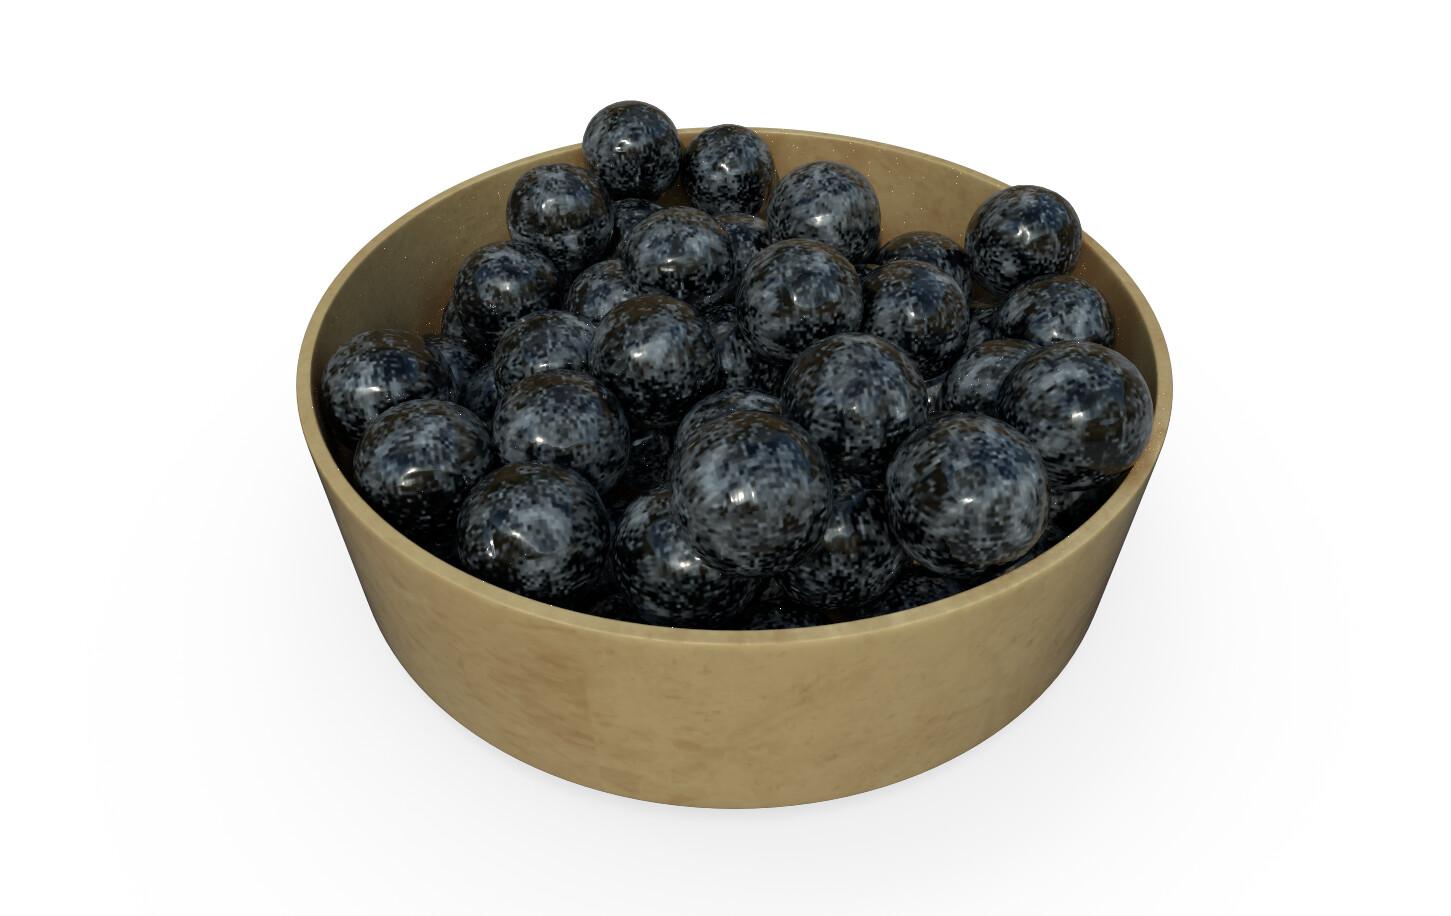 Joseph moniz blueberry001k